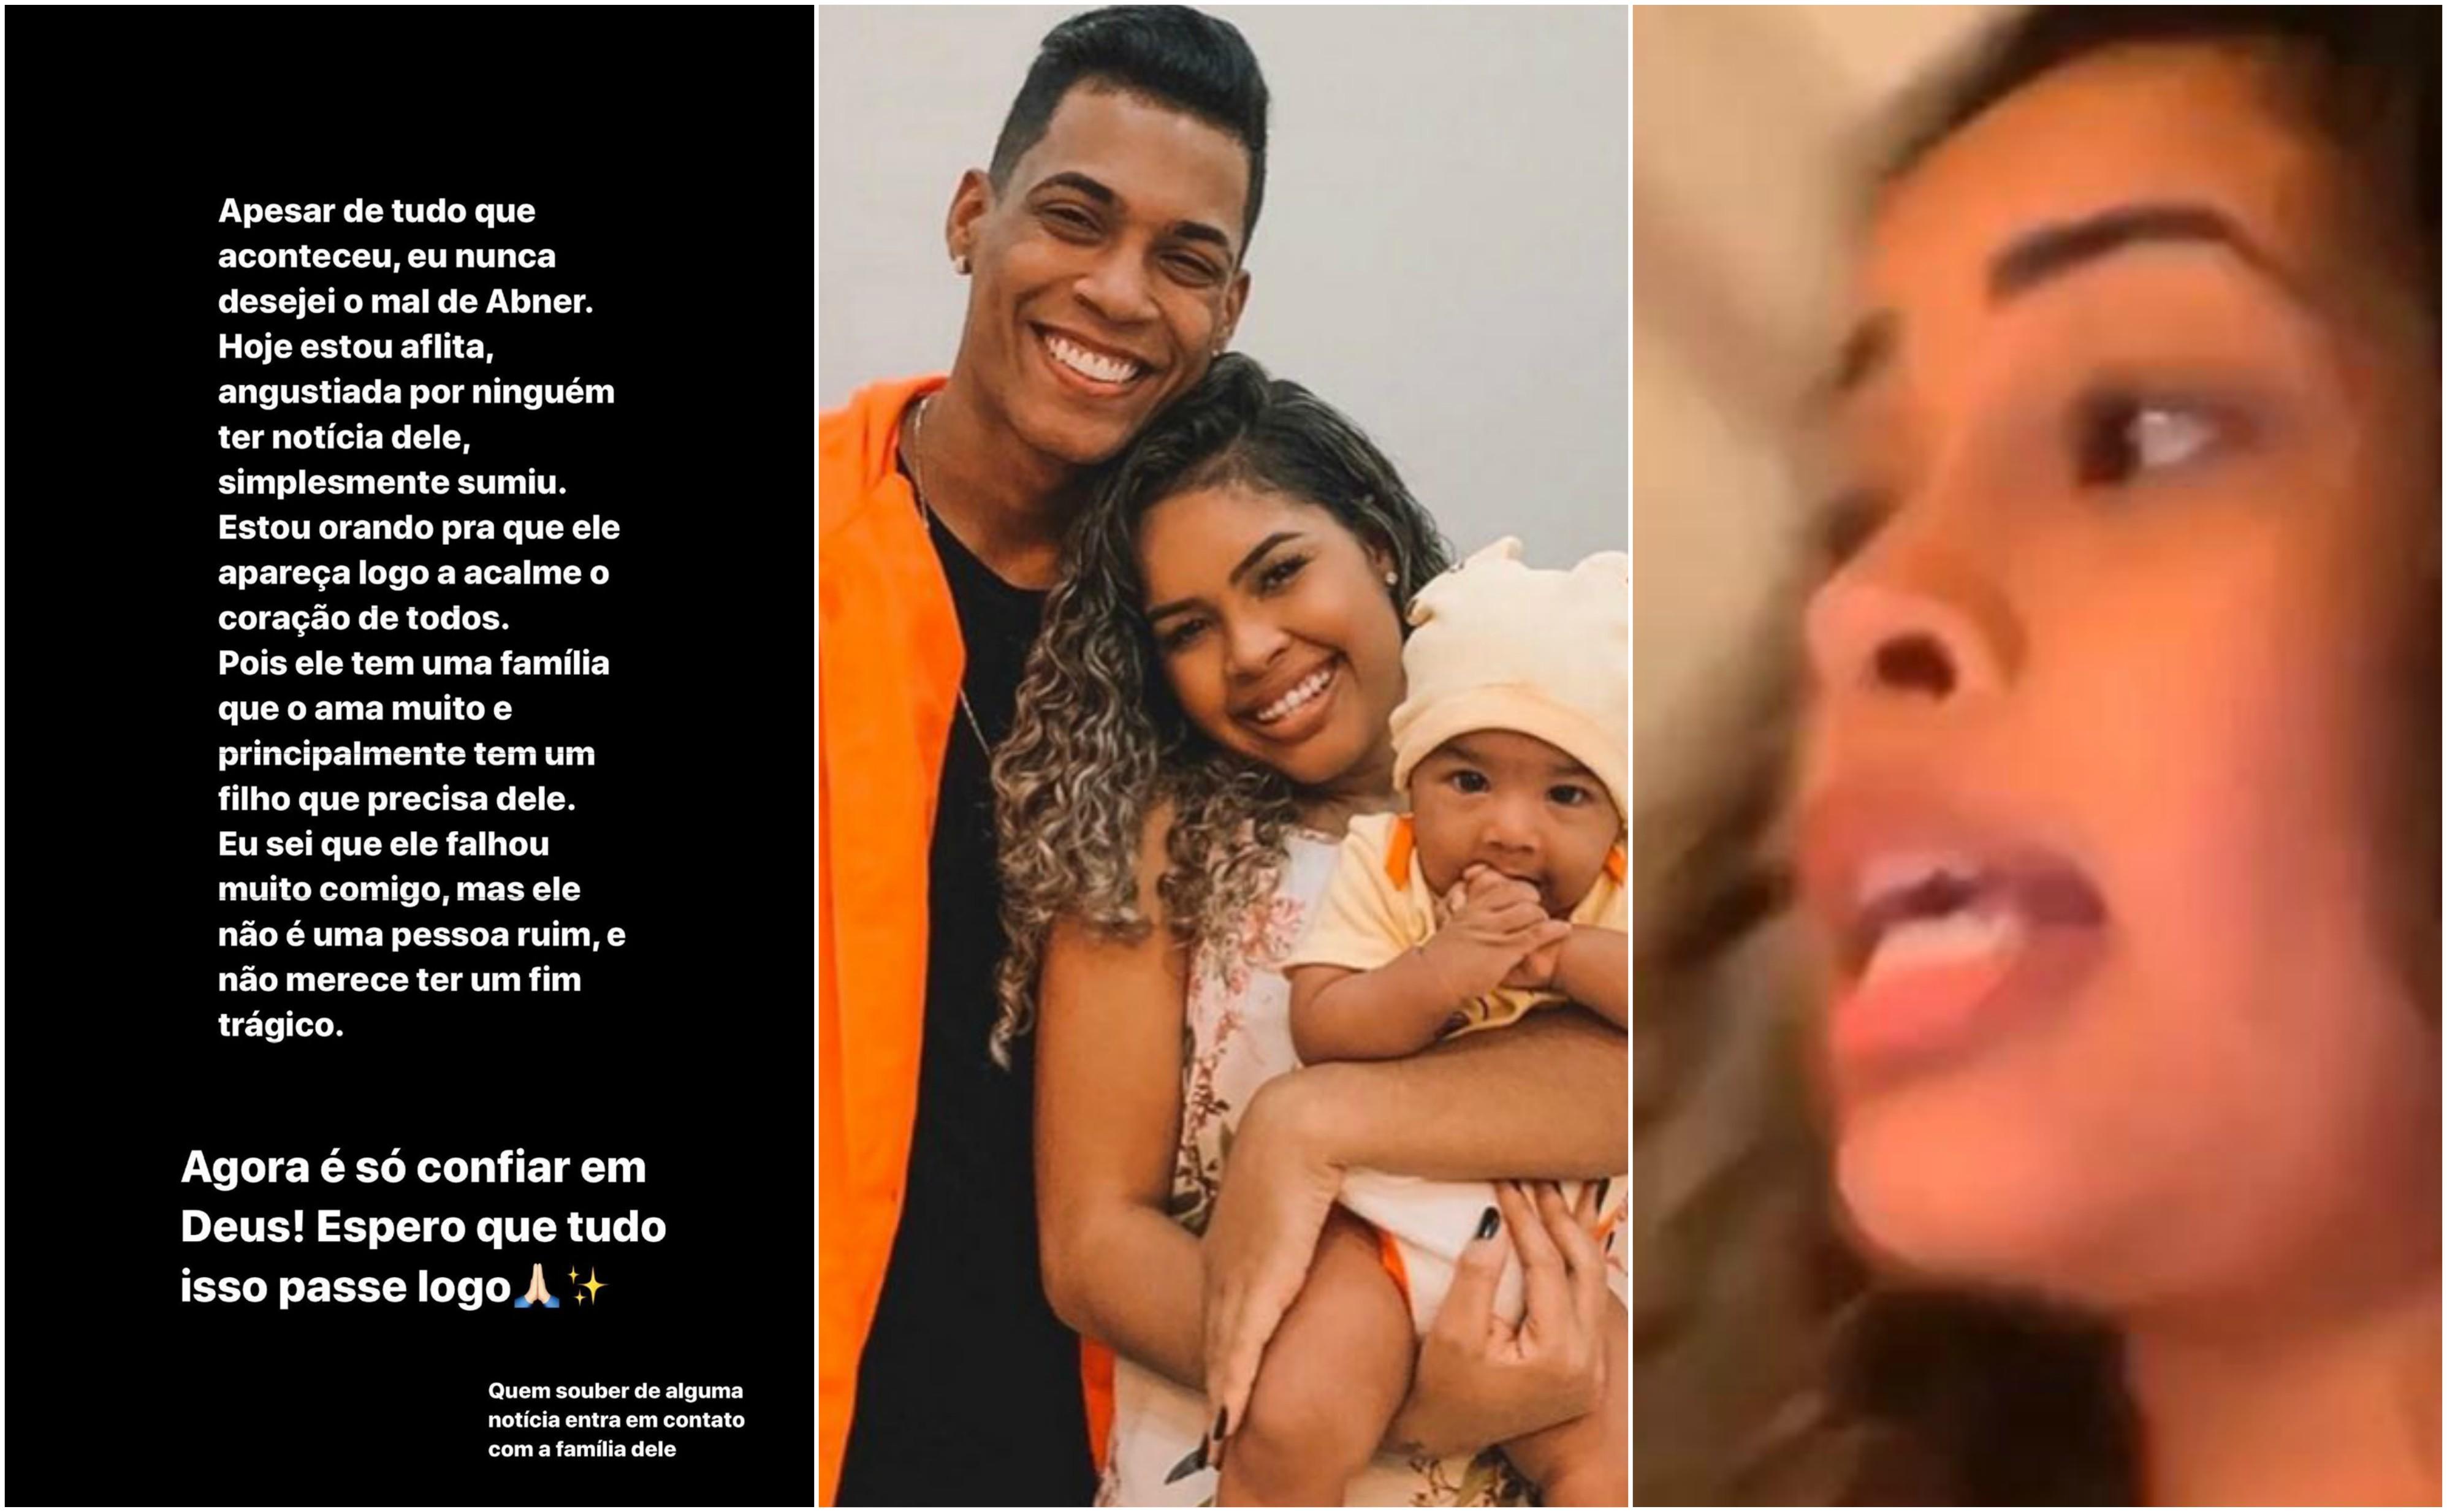 Sthefane Matos fala sobre desaparecimento de Abner Pinheiro